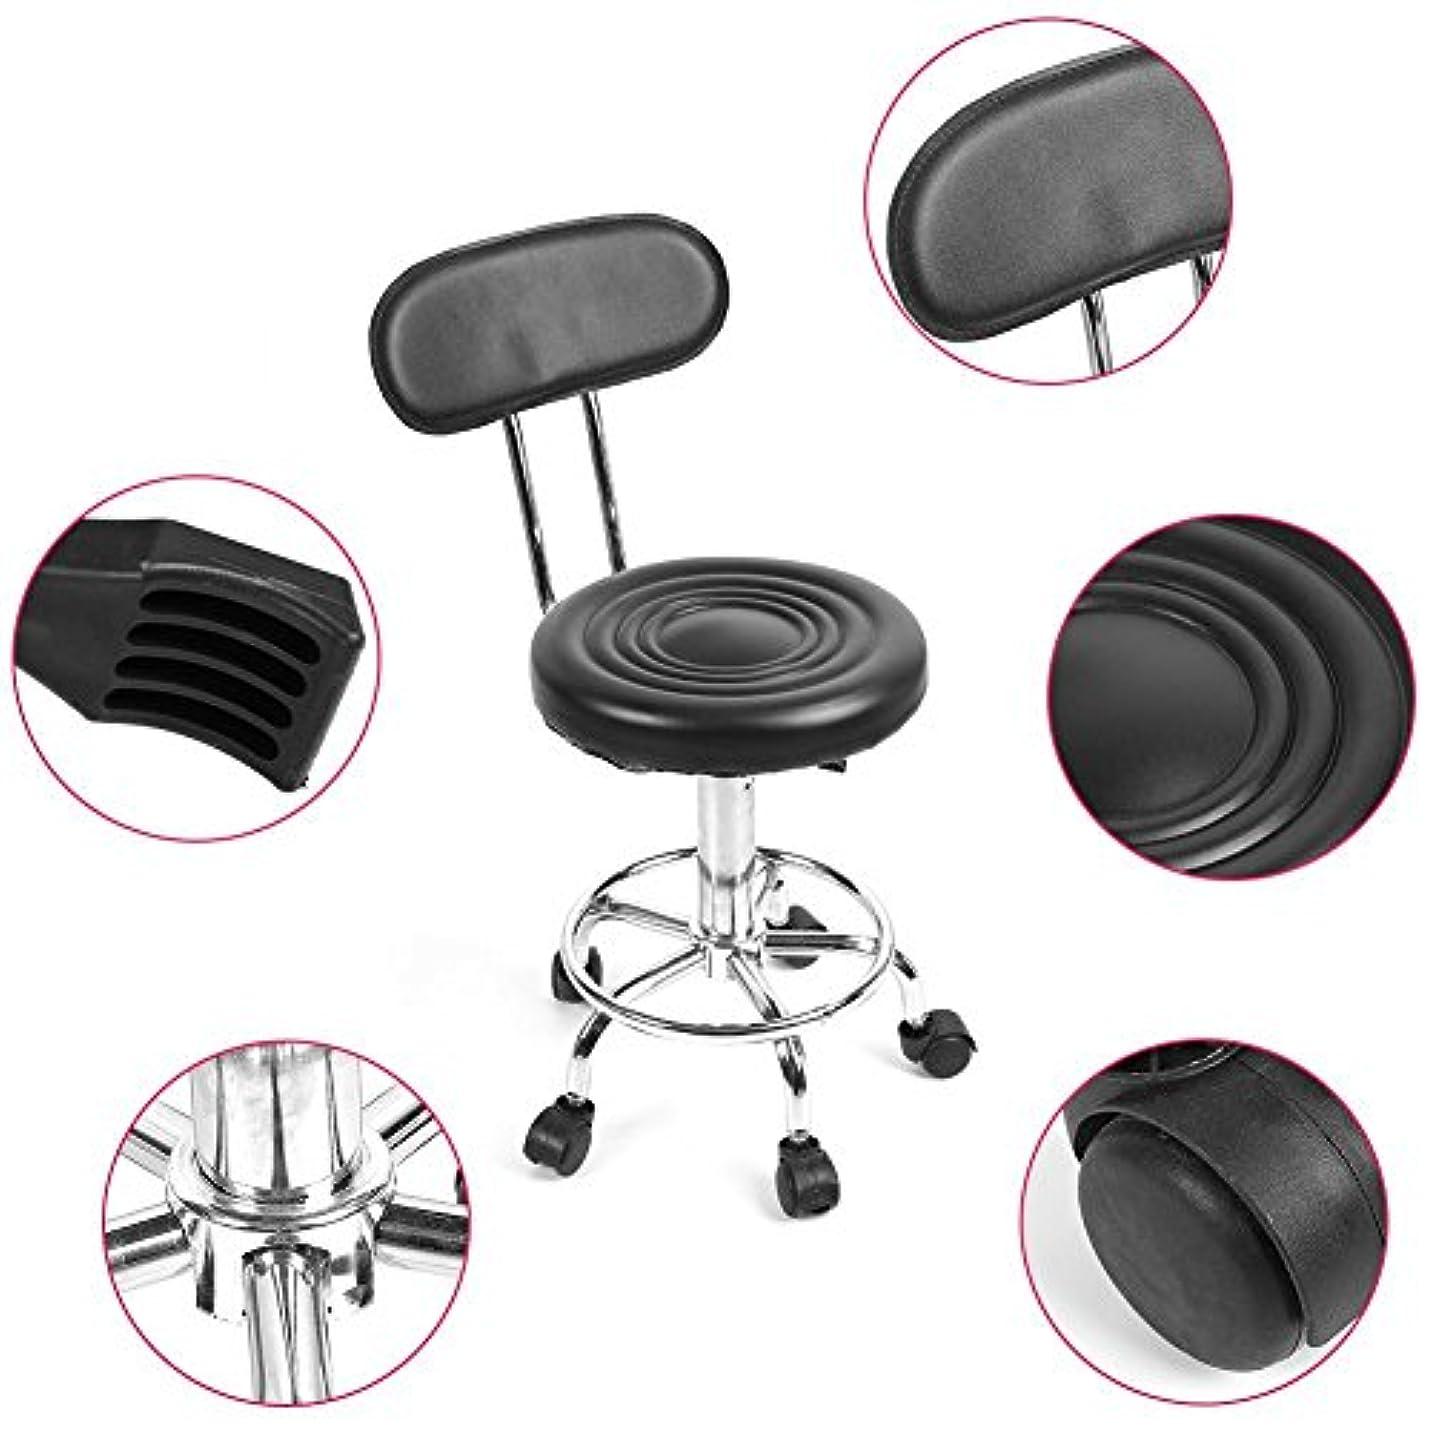 窓を洗う主張するポータル理髪椅子、フットレスト付き360度回転椅子、車輪付き背もたれ付き回転スツール、調節可能な理髪サロン、椅子、美容院、マッサージ